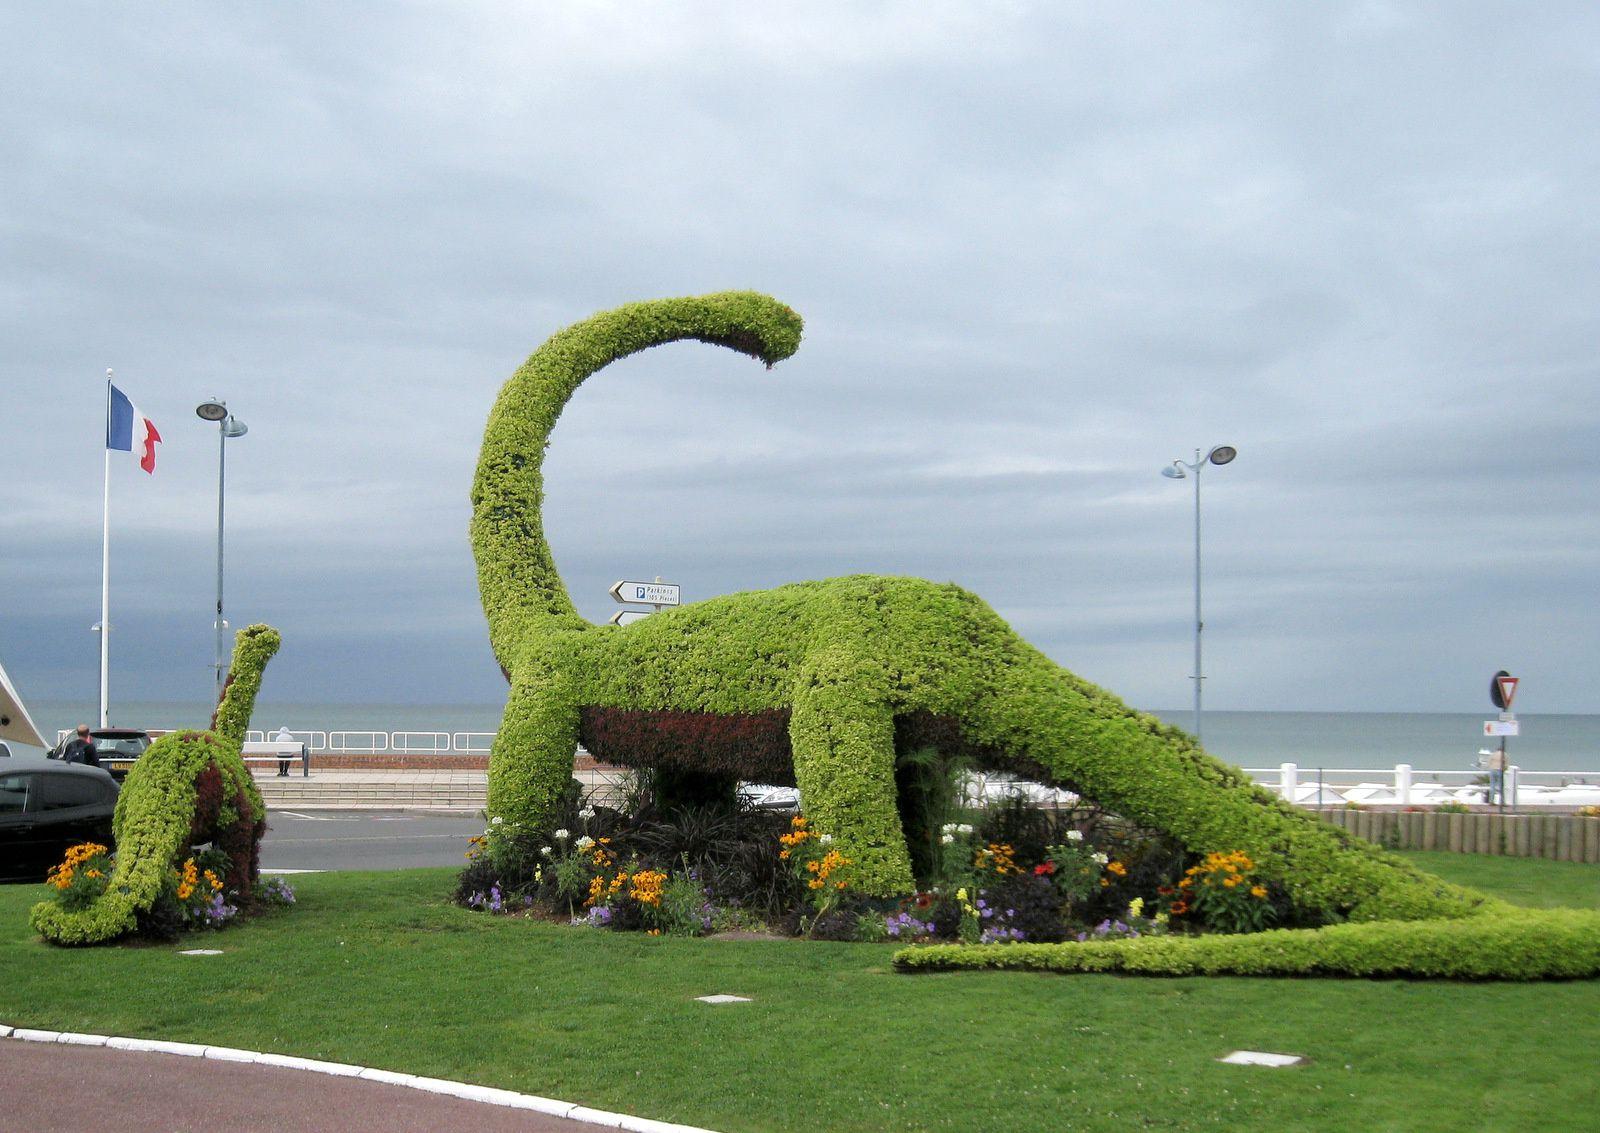 Les dinosaures de Villers-sur-mer